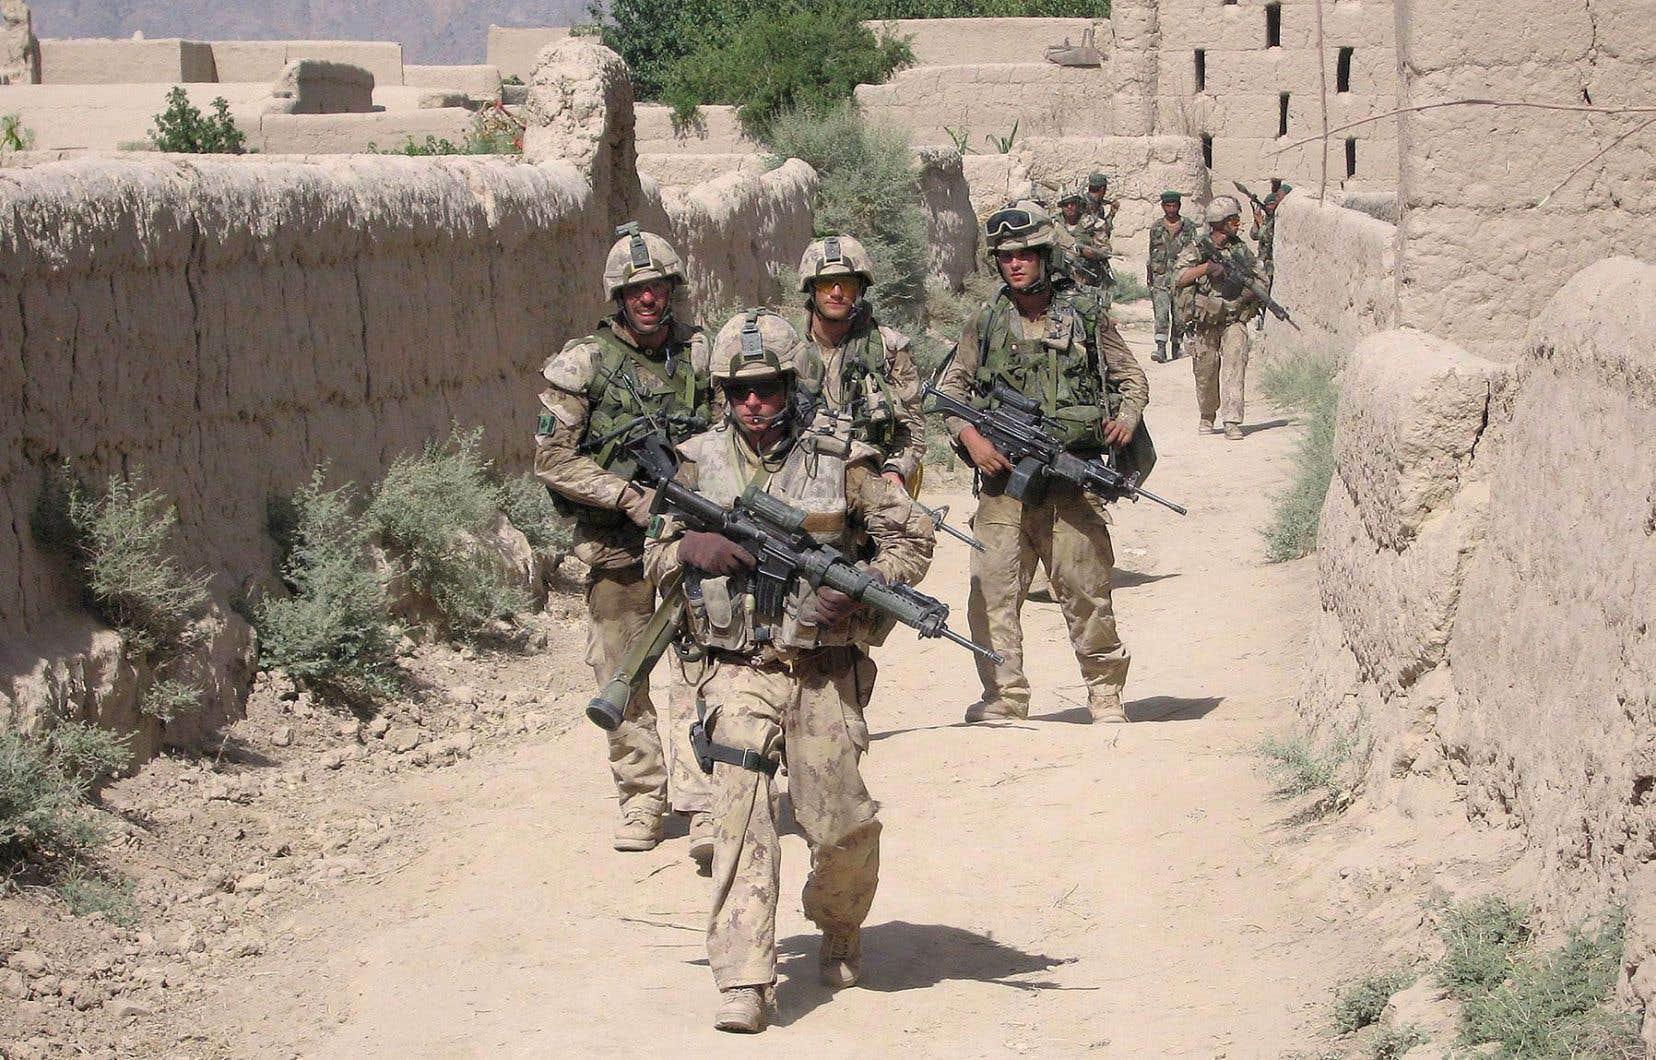 Les troupes canadiennes ont participé à plusieurs missions de l'OTAN, notamment en Afghanistan.